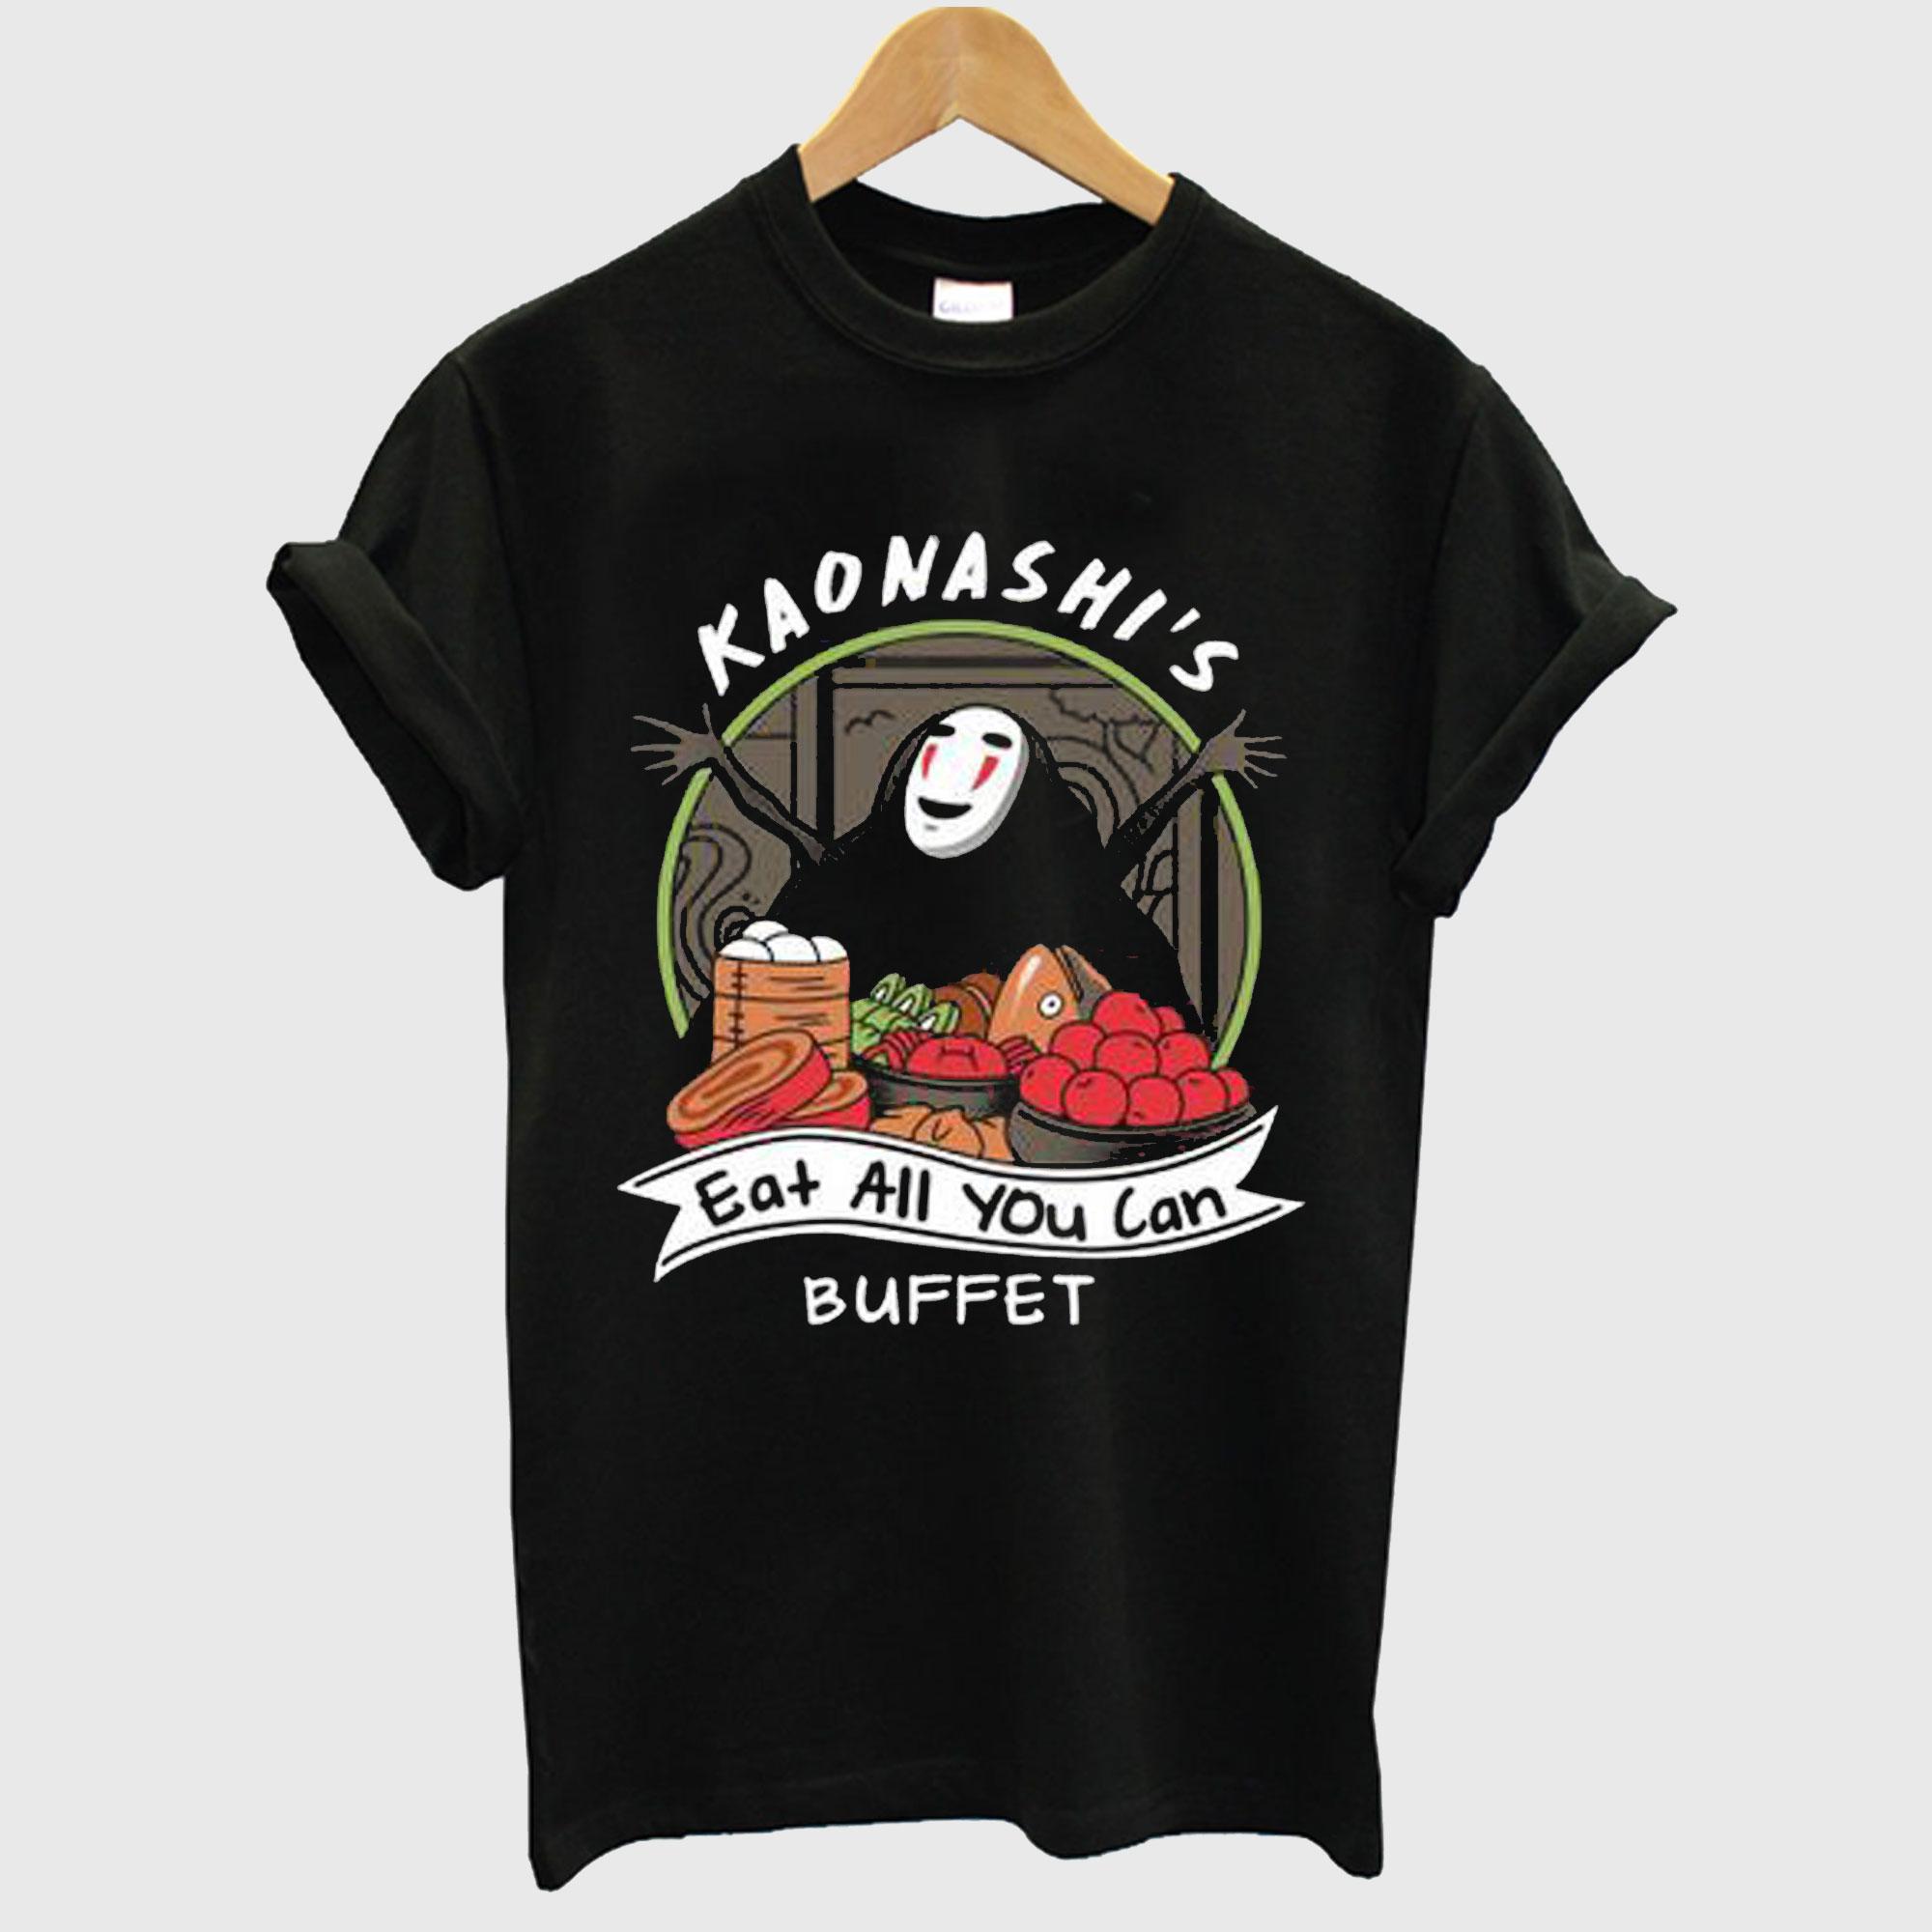 Eat Buffet T-shirt